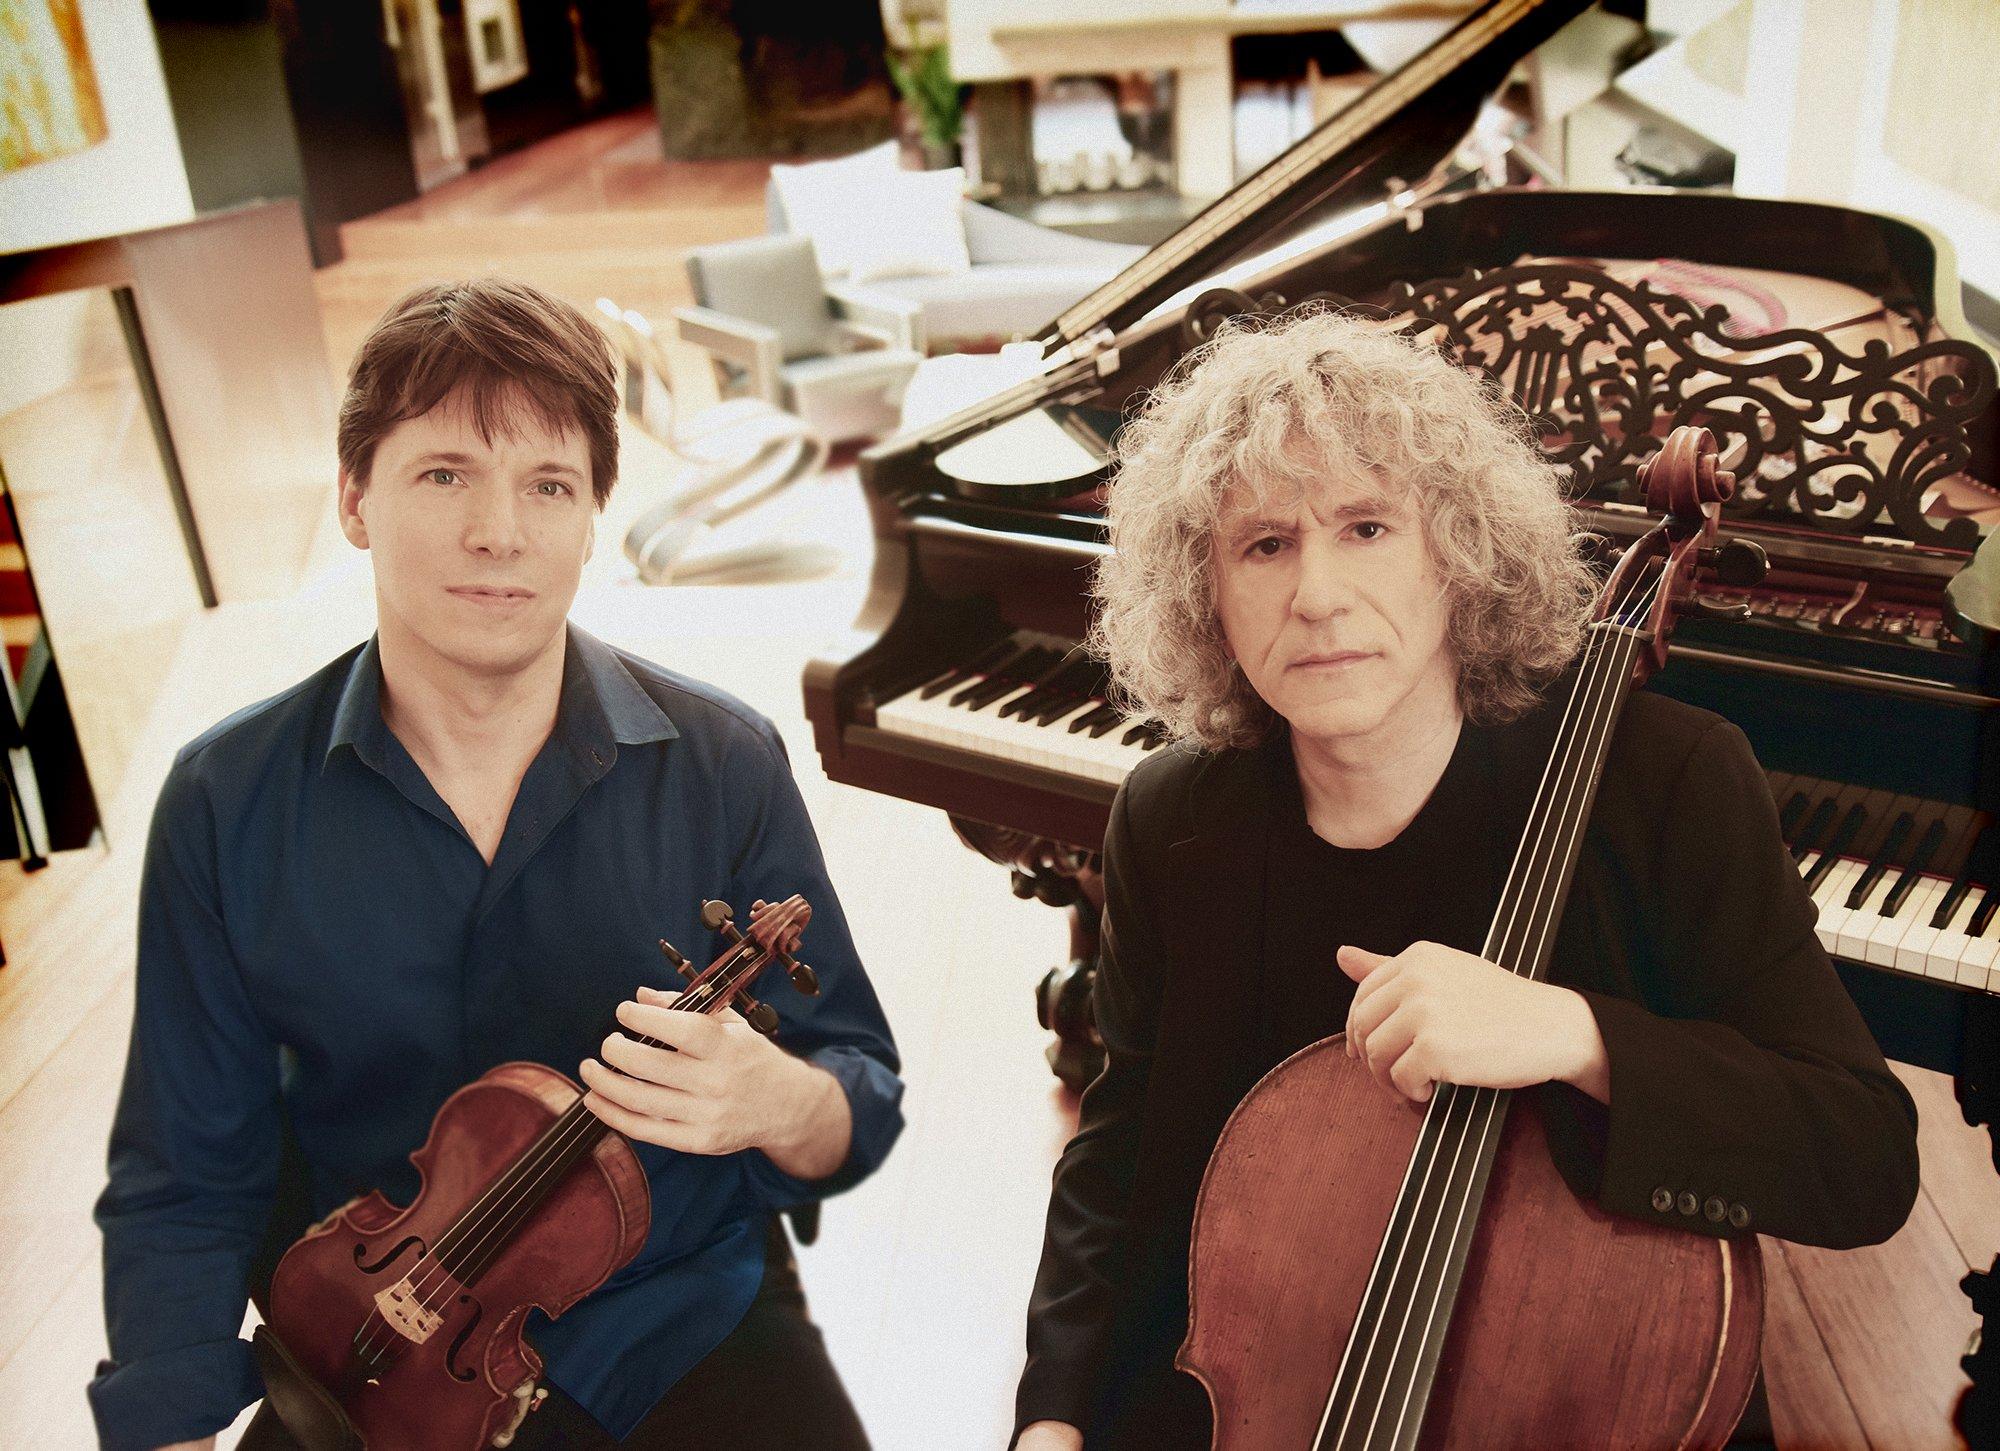 Joshua Bell and Steven Isserlis